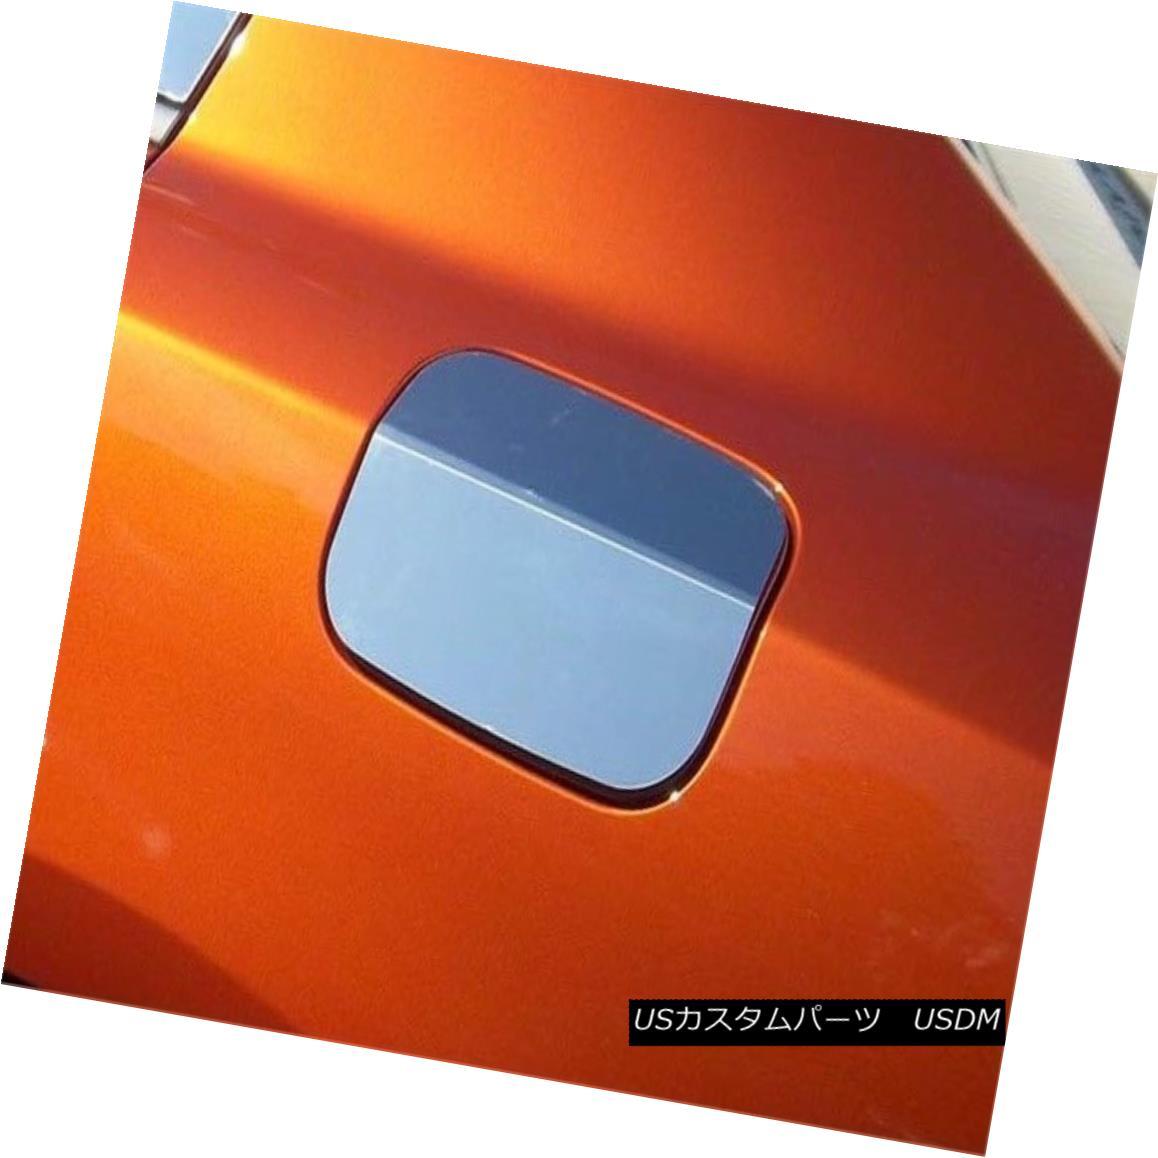 グリル Fits 2011-2016 DODGE CHARGER 4-door -Stainless Steel GAS CAP DOOR 2011-2016 DODGE CHARGER 4ドアステンレススチールガスCAP DOOR